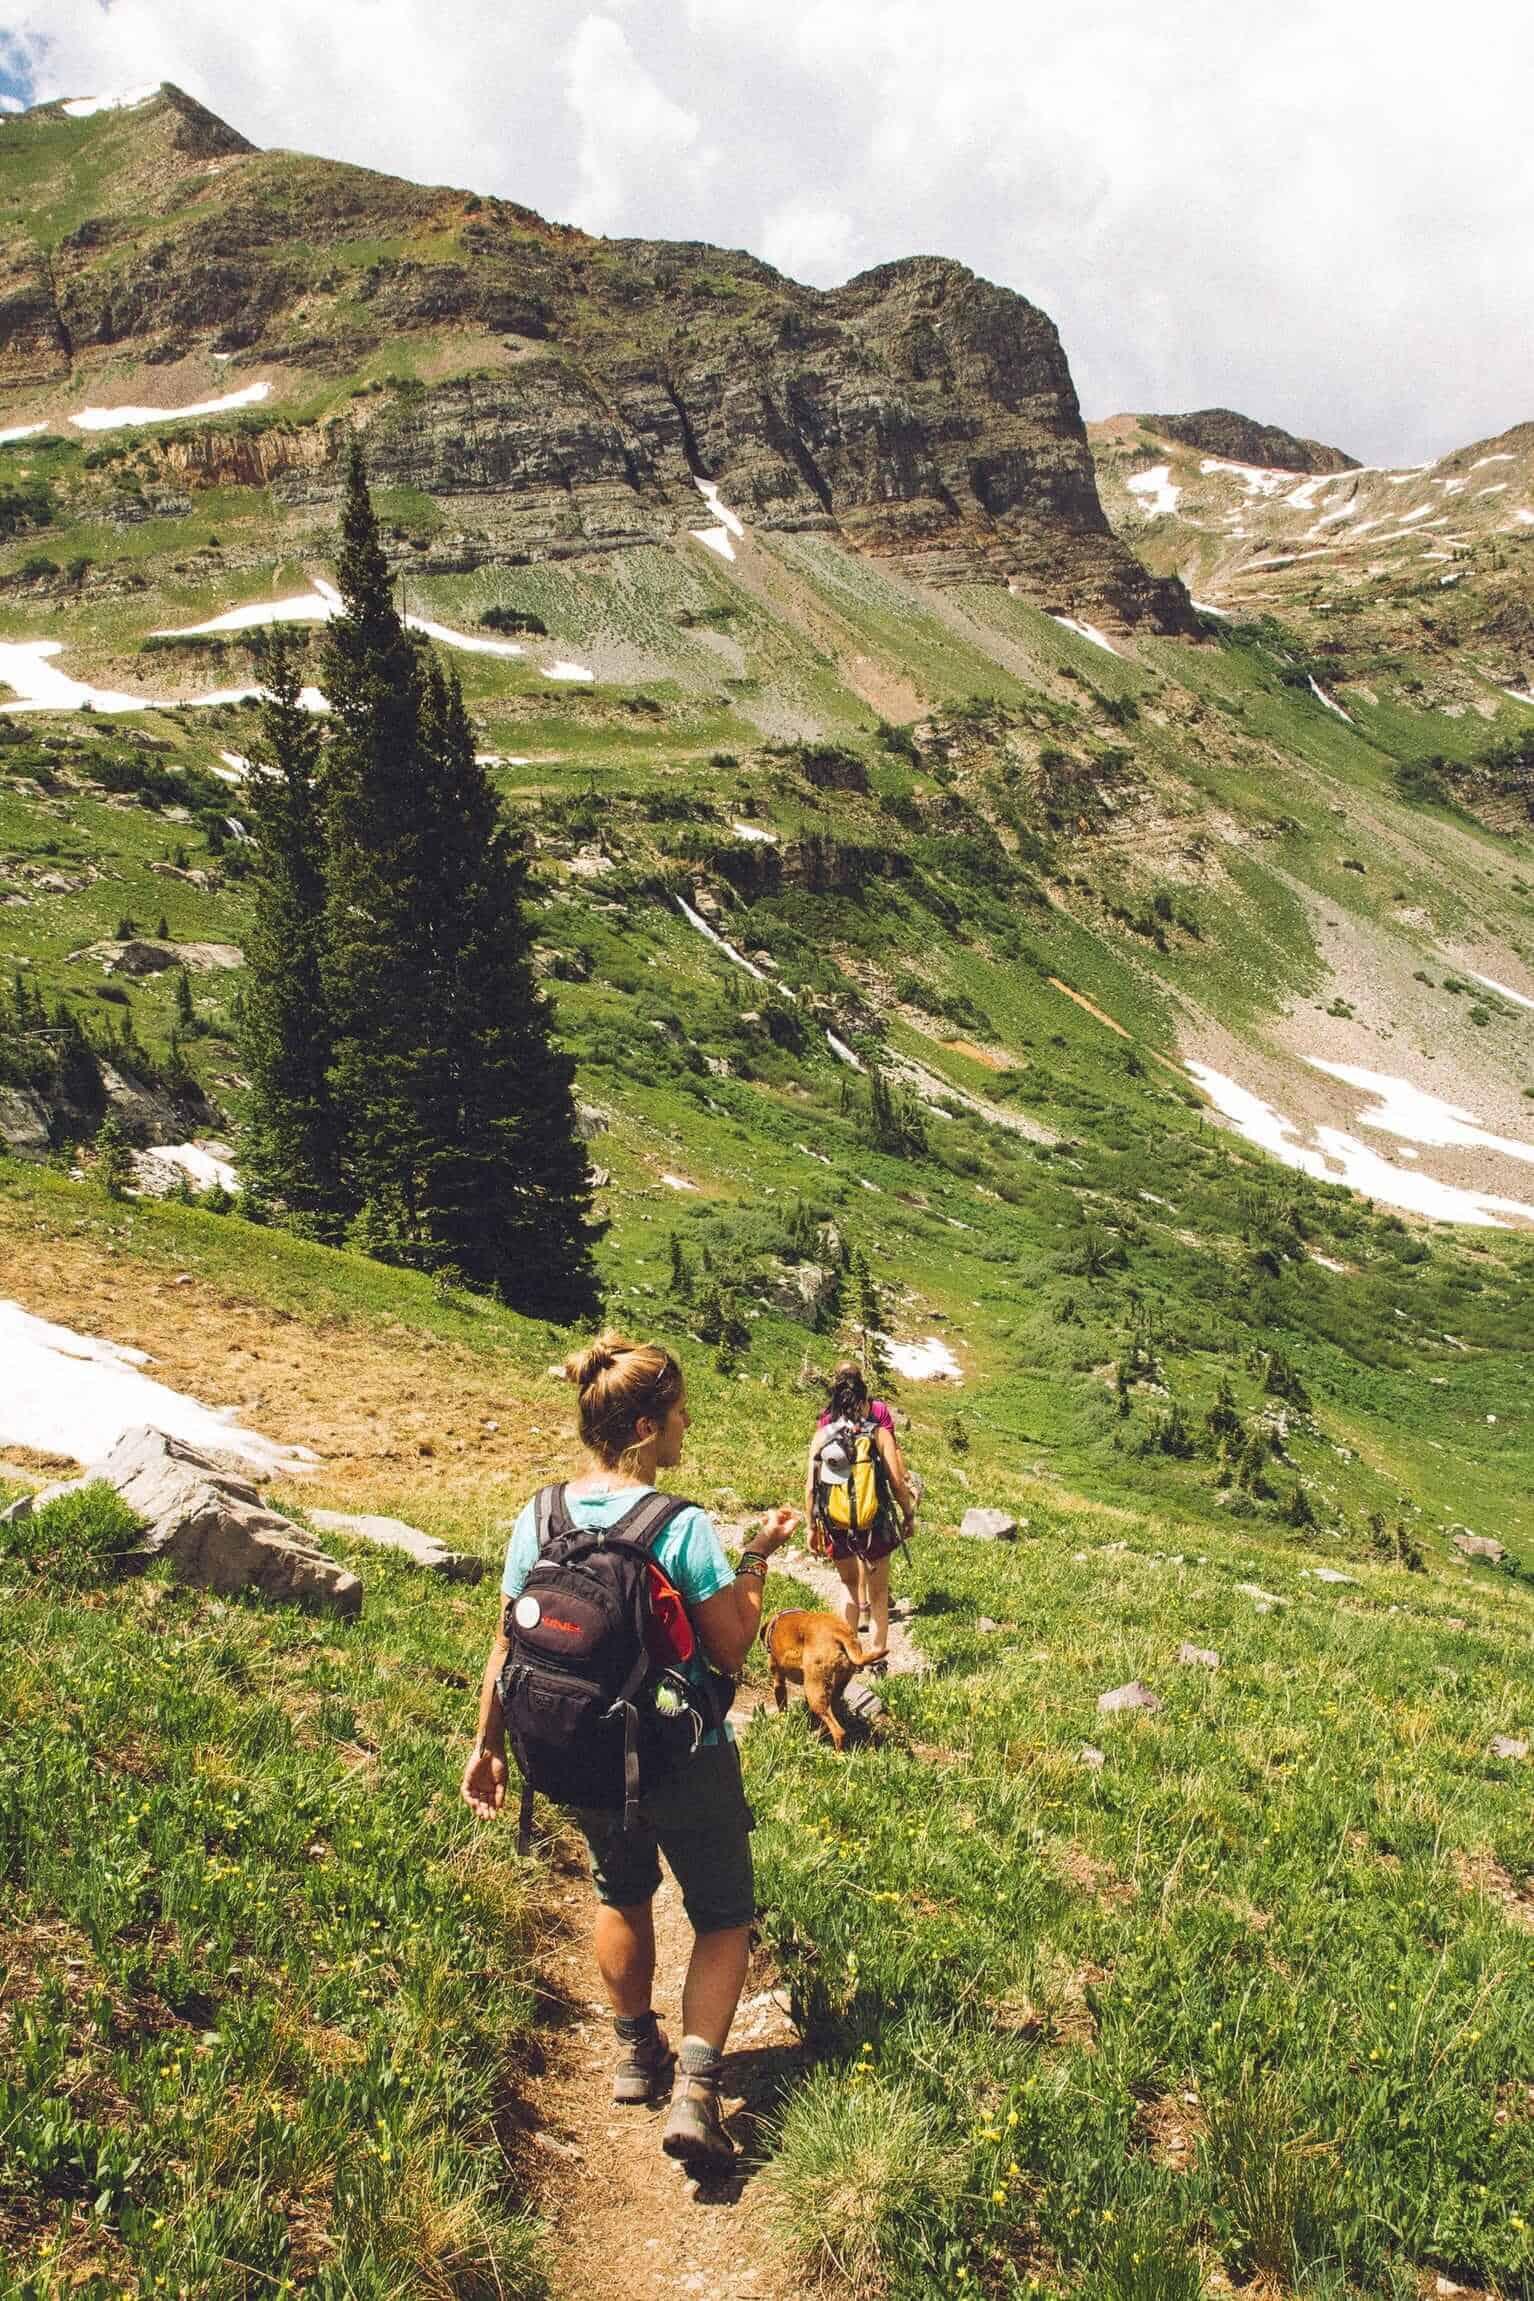 Women hiking outdoors